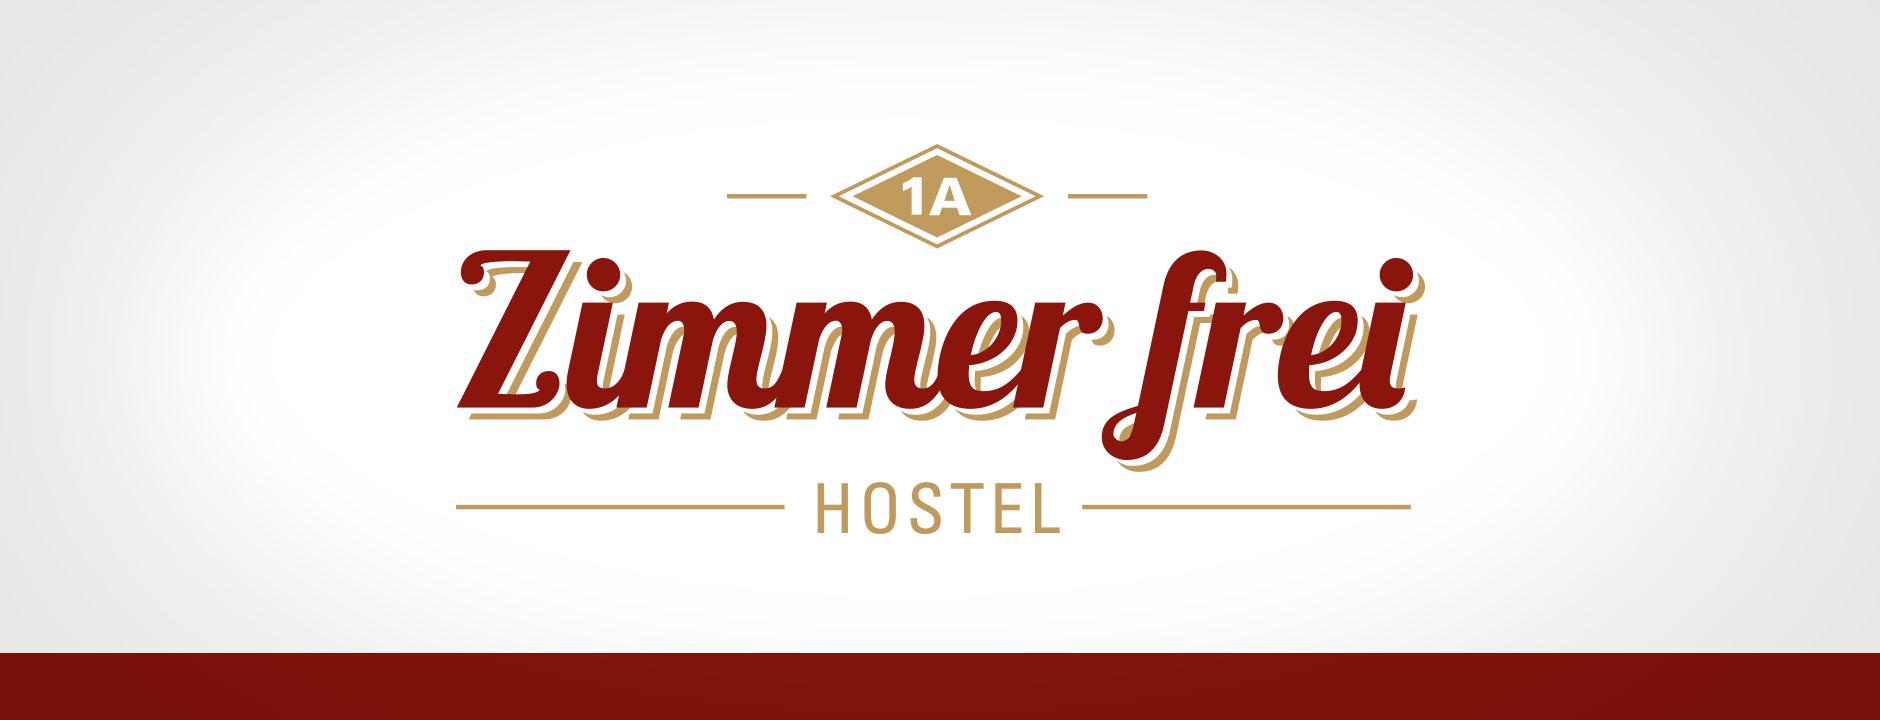 Hostel Zimmer frei - Design